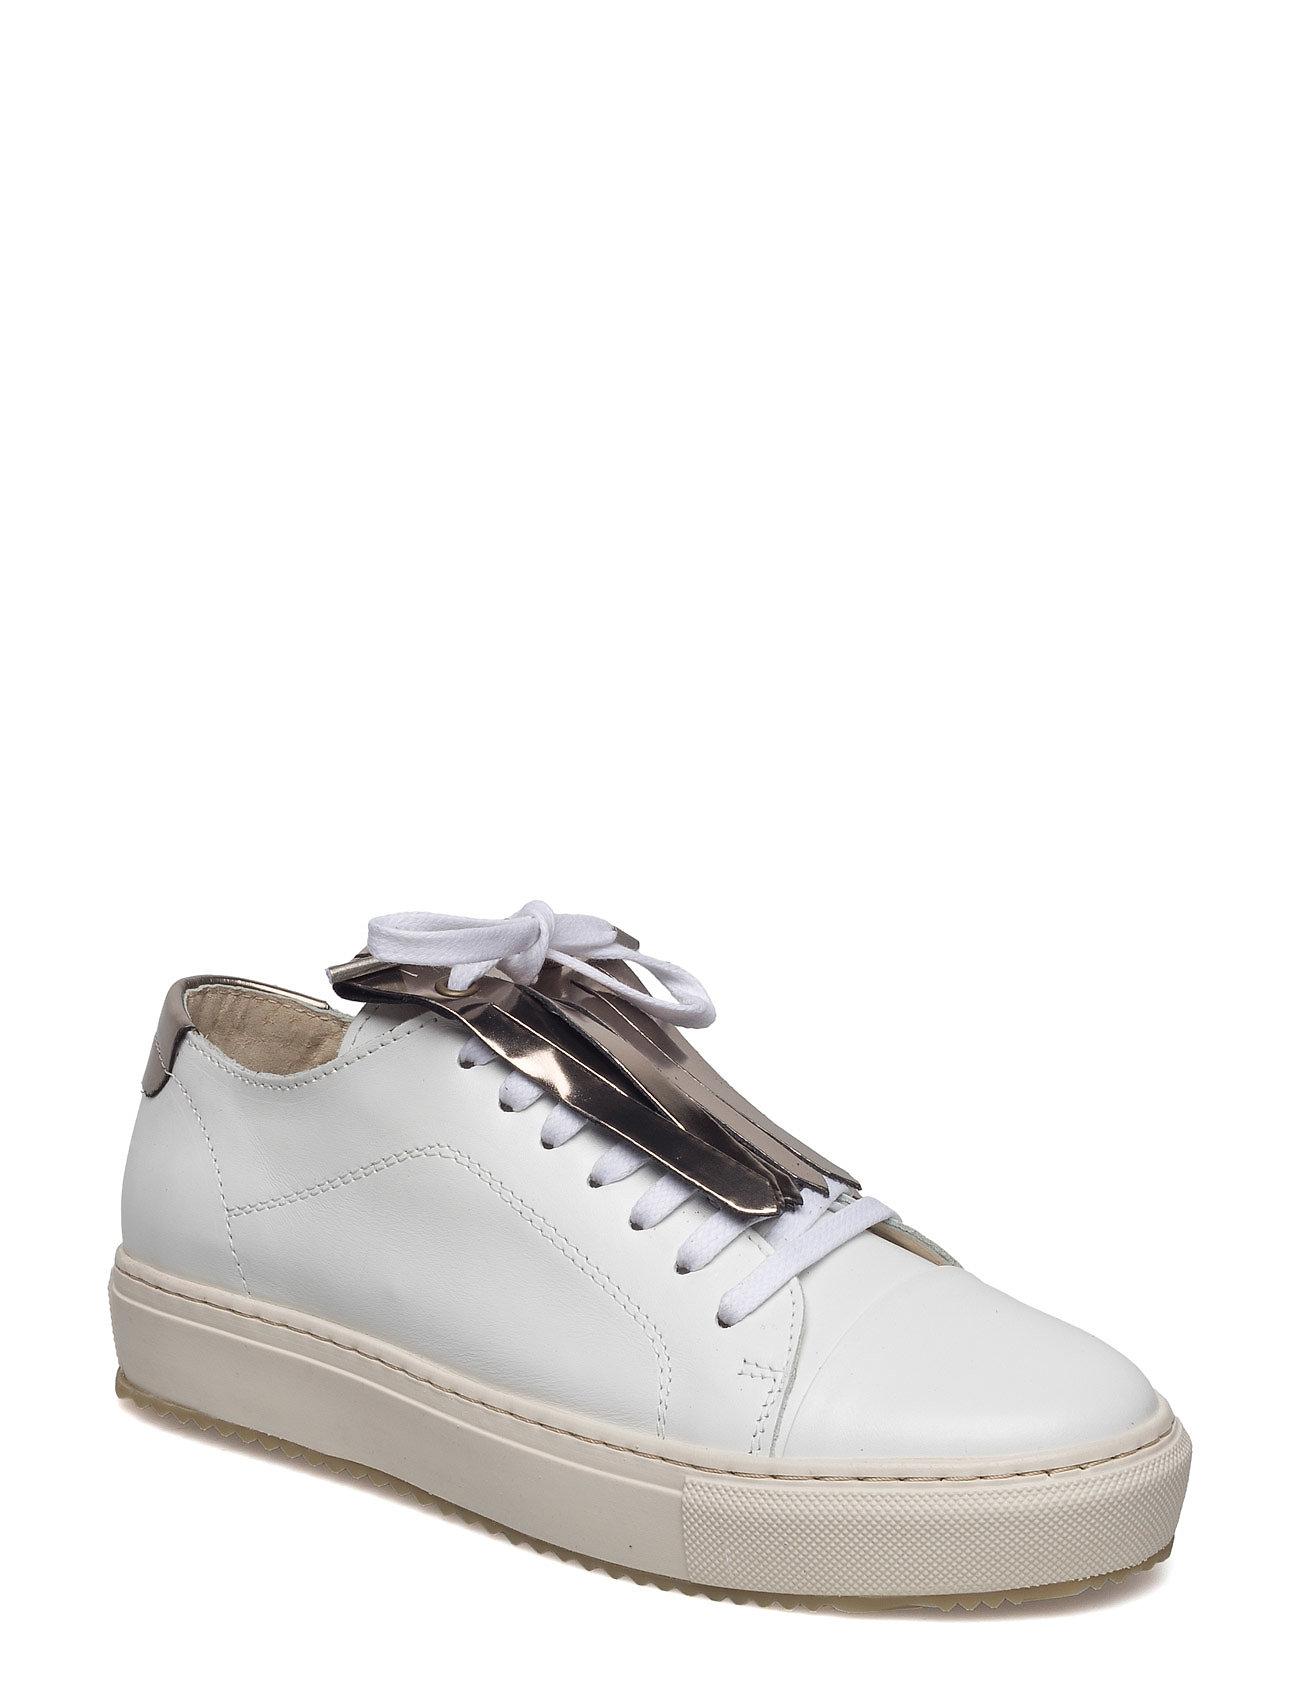 Classic Lace Fringe Garment Project Sneakers til Damer i hvid